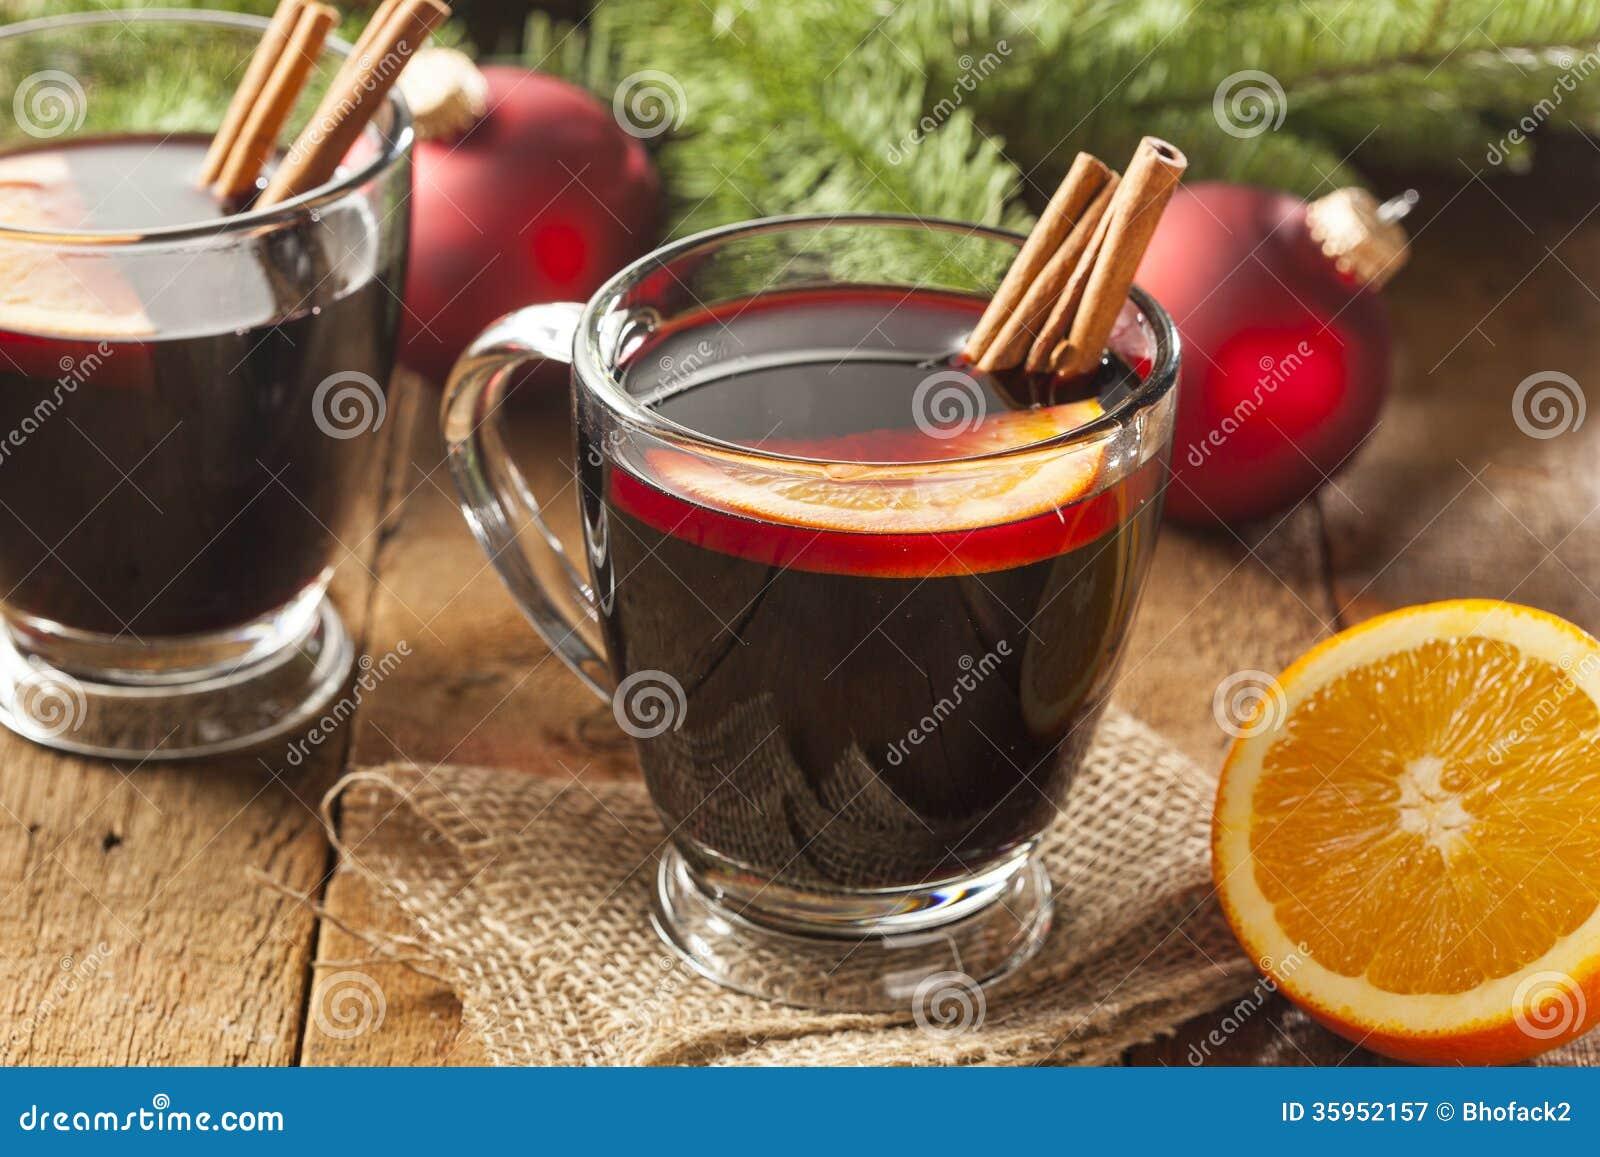 Vino condimentado candente festivo para la Navidad